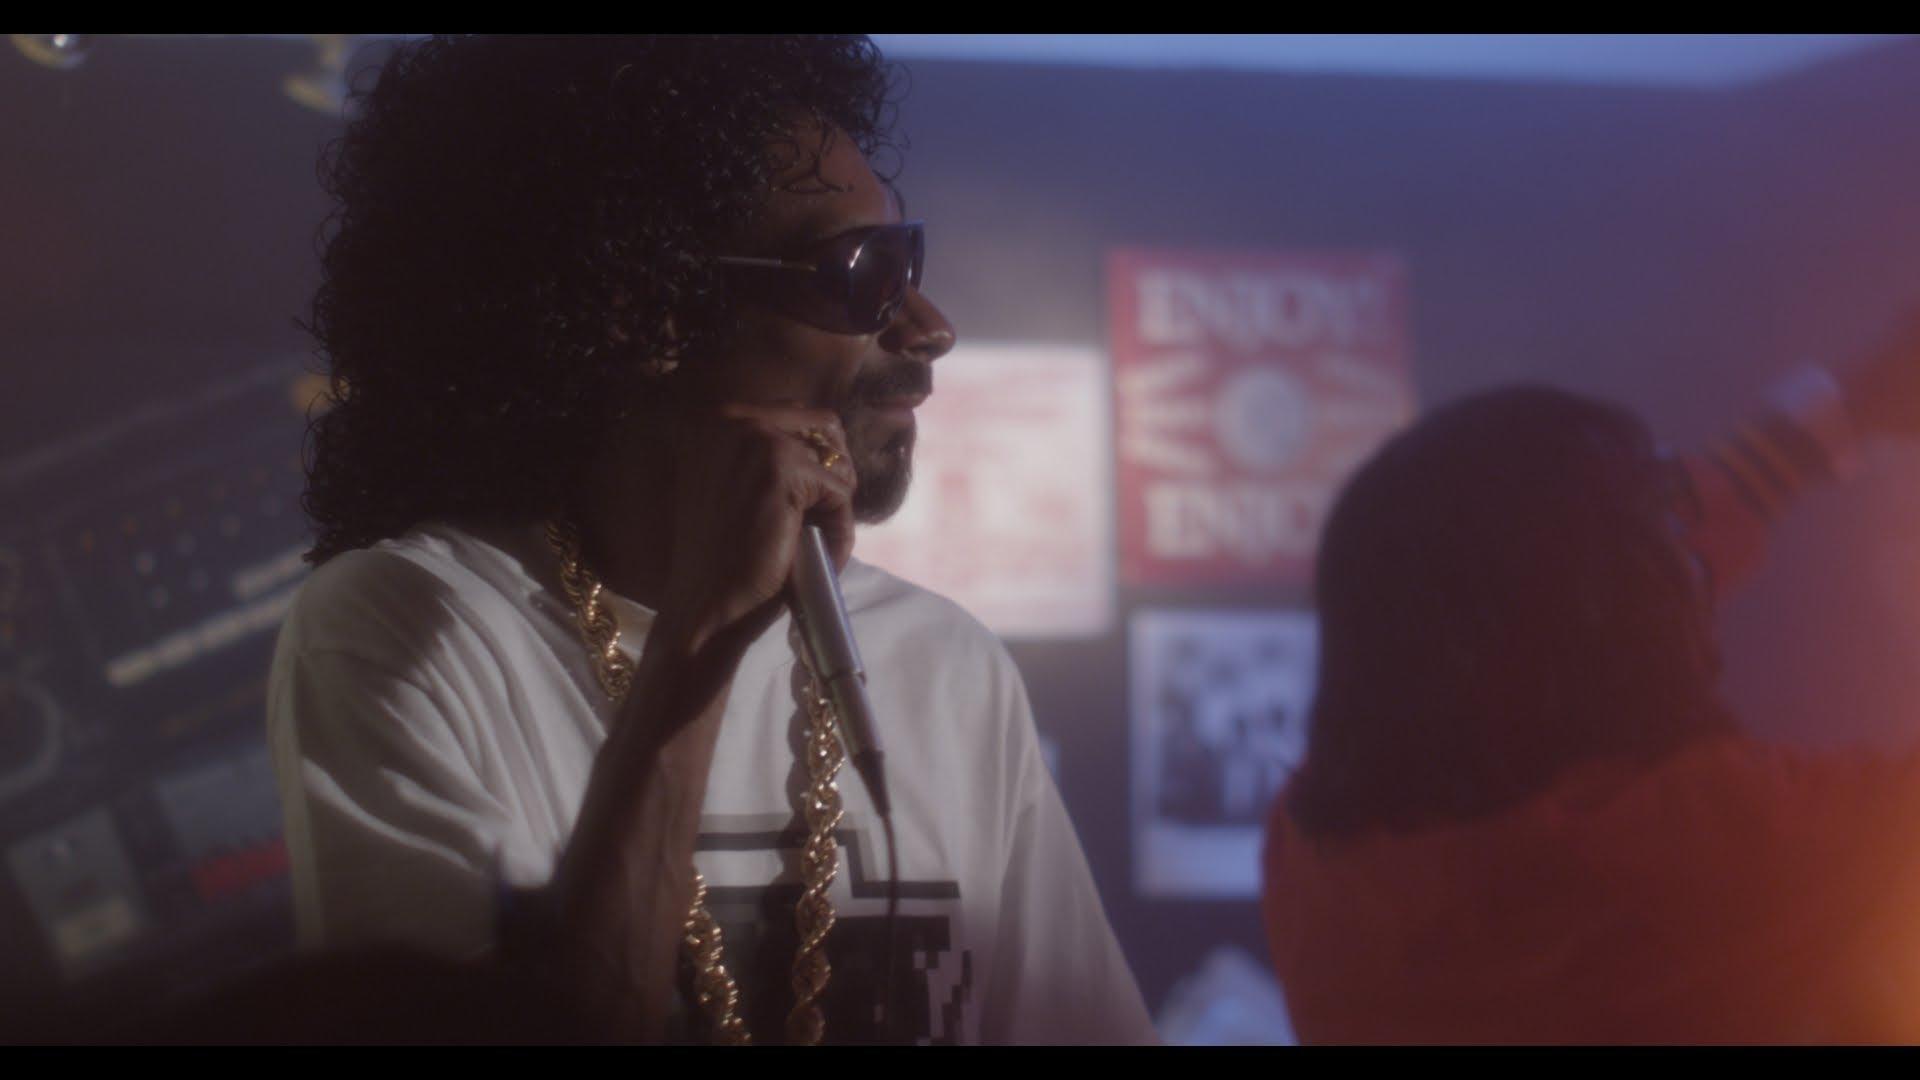 Снуп дог клип с порно, Snoop Dogg So Sexy клип песни смотреть онлайн 8 фотография